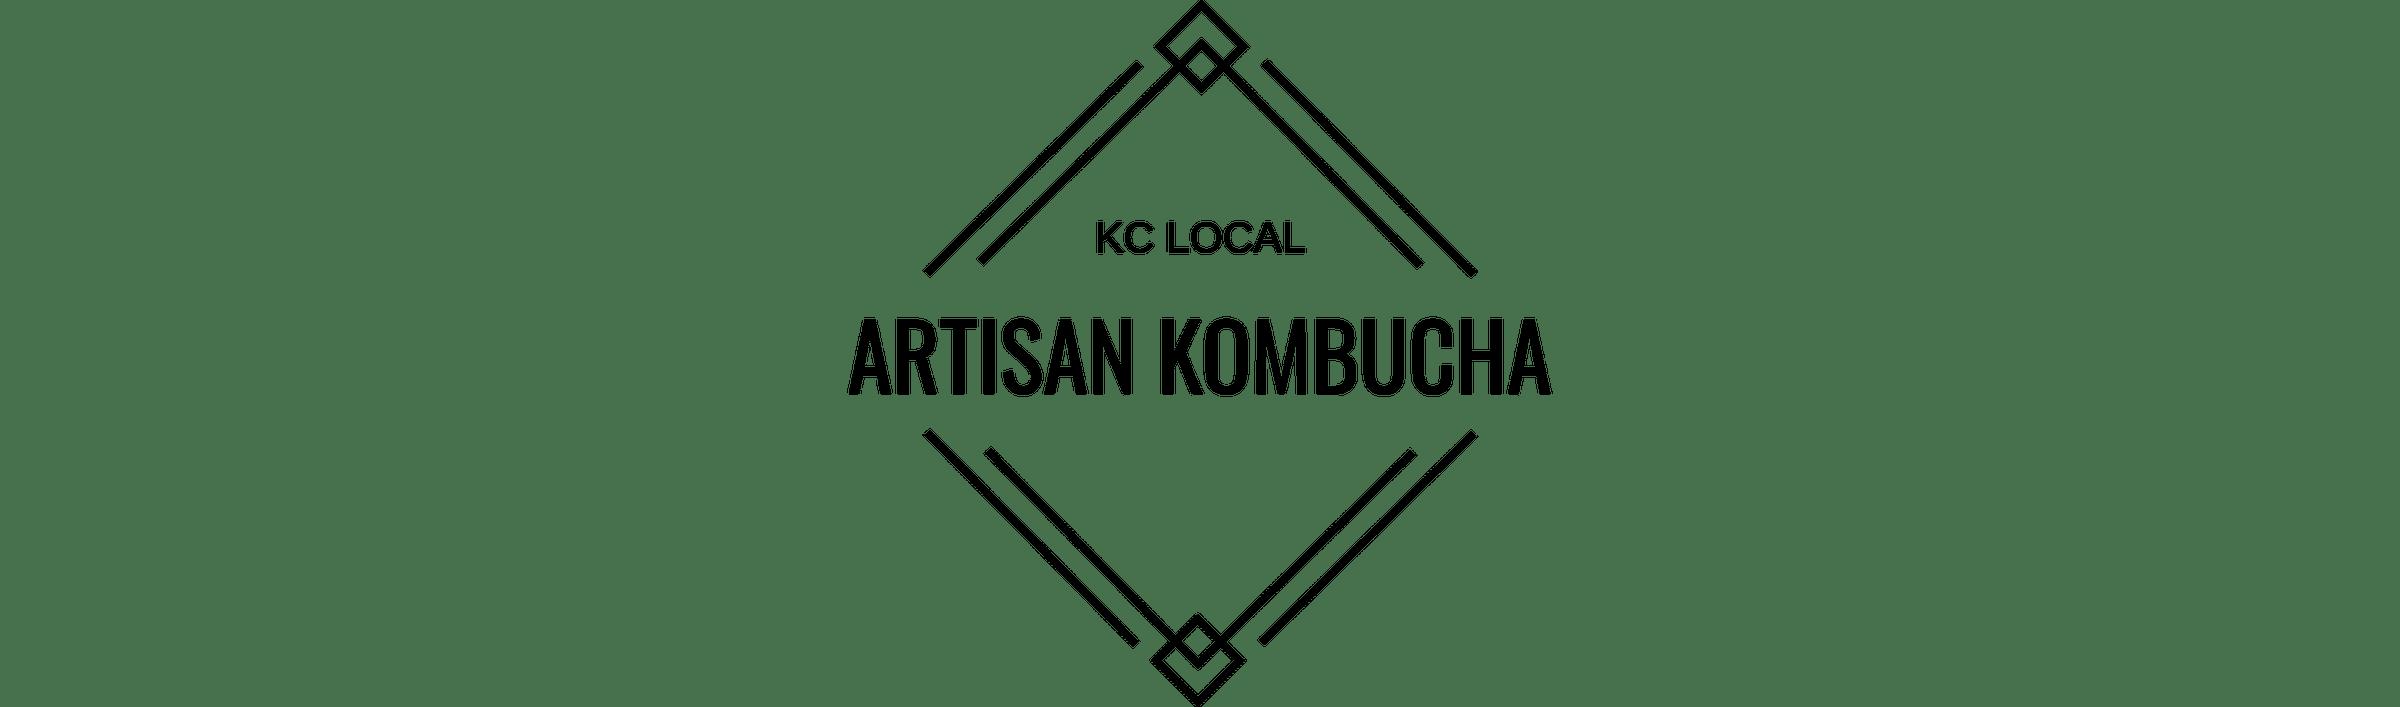 cropped-longArtisan-Kombucha-4x4-white-2-1.png